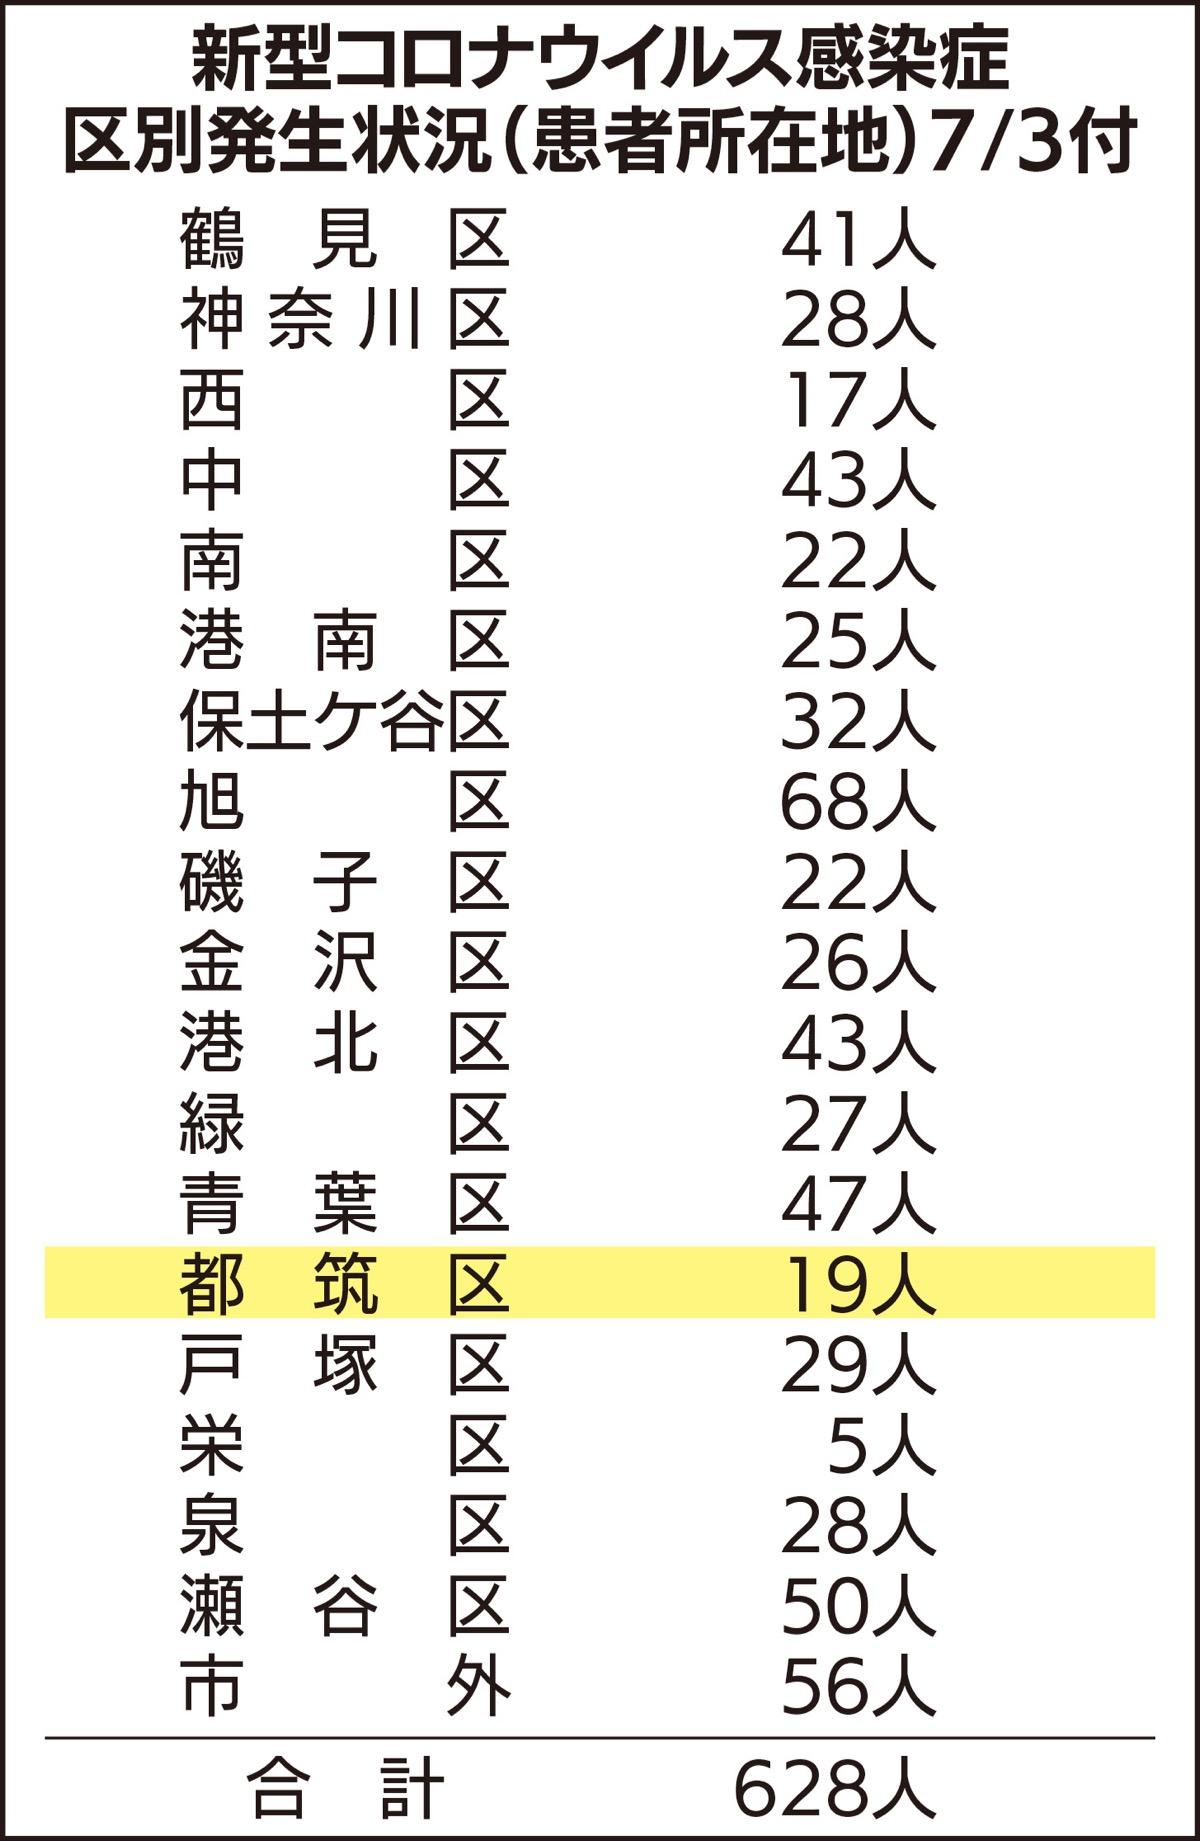 横浜 コロナ 感染者数